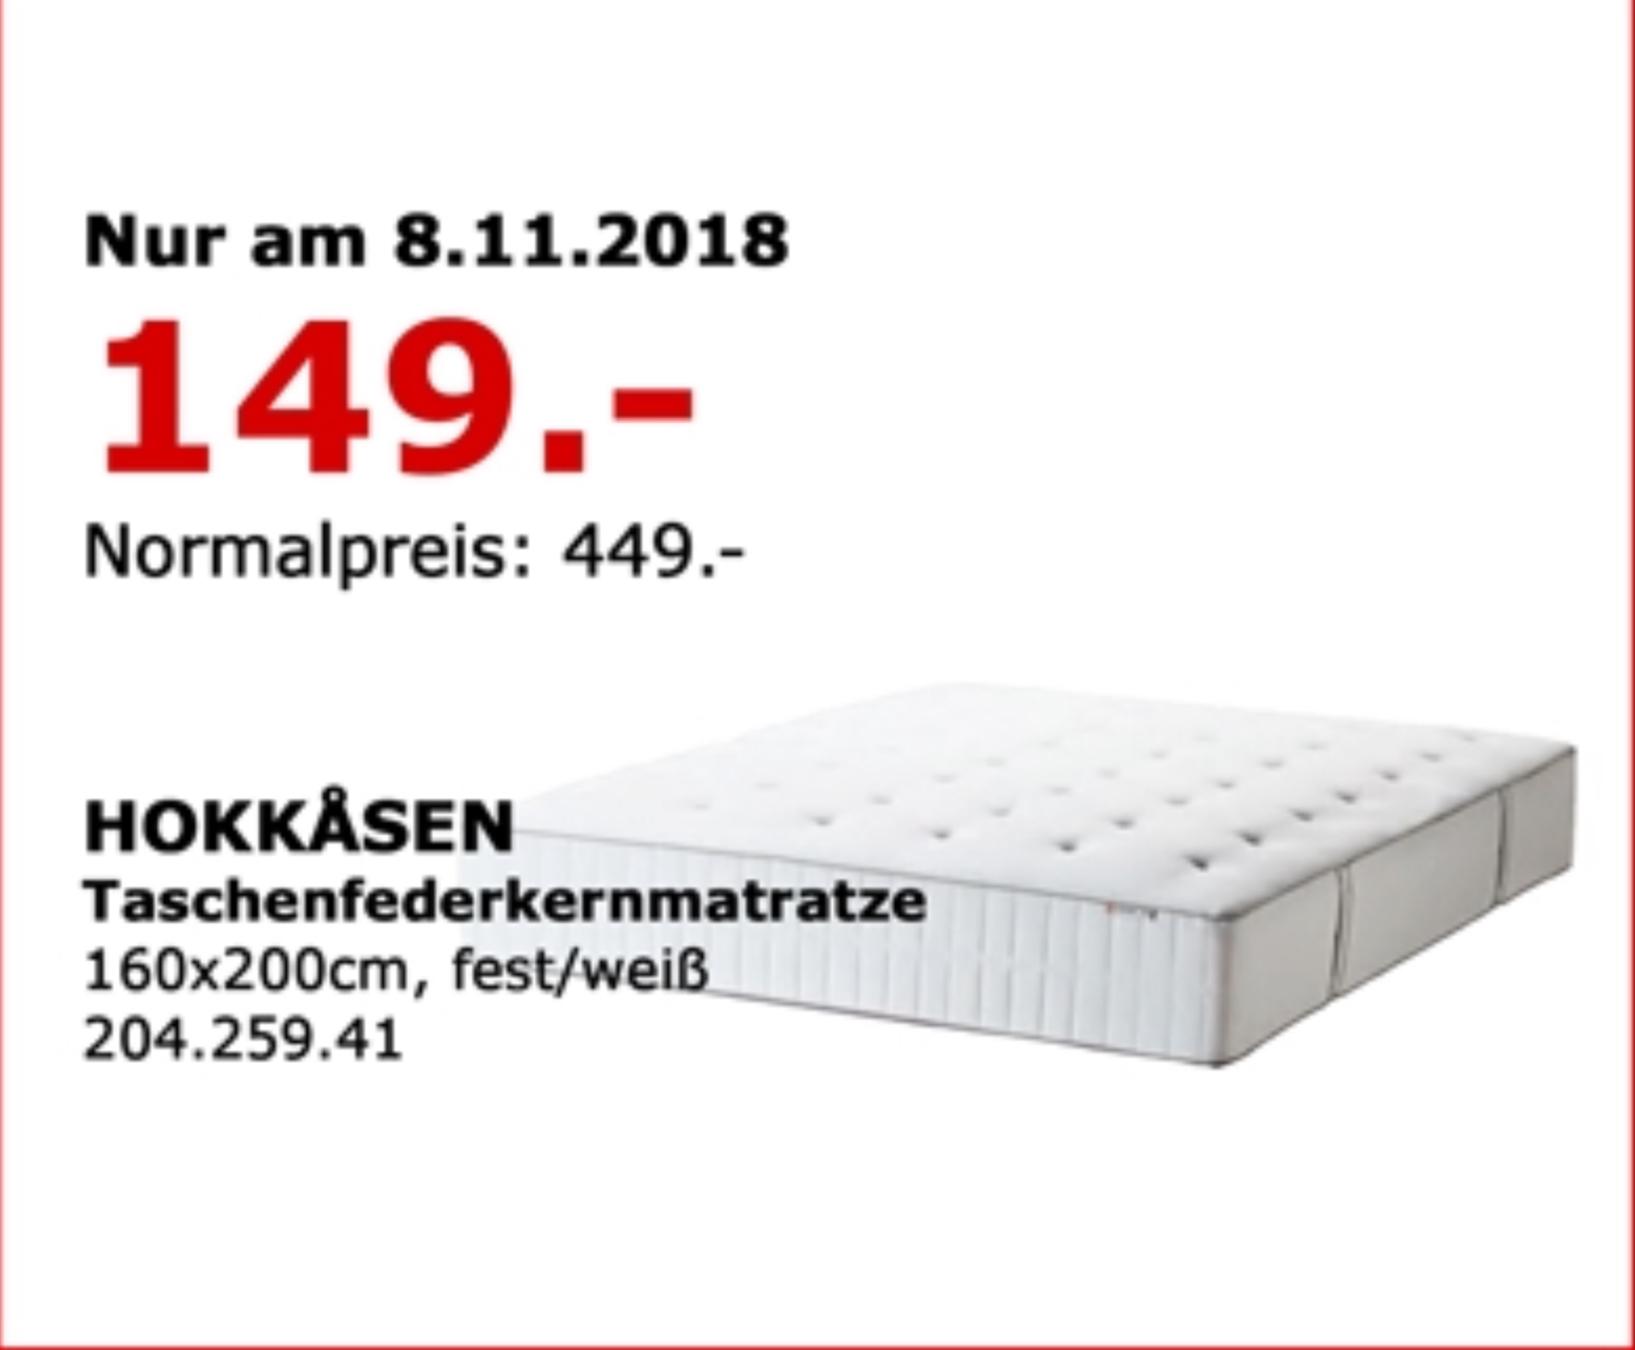 Lokal Ikea Berlin Waltersdorf Hokkasen Taschenfederkernmatratze